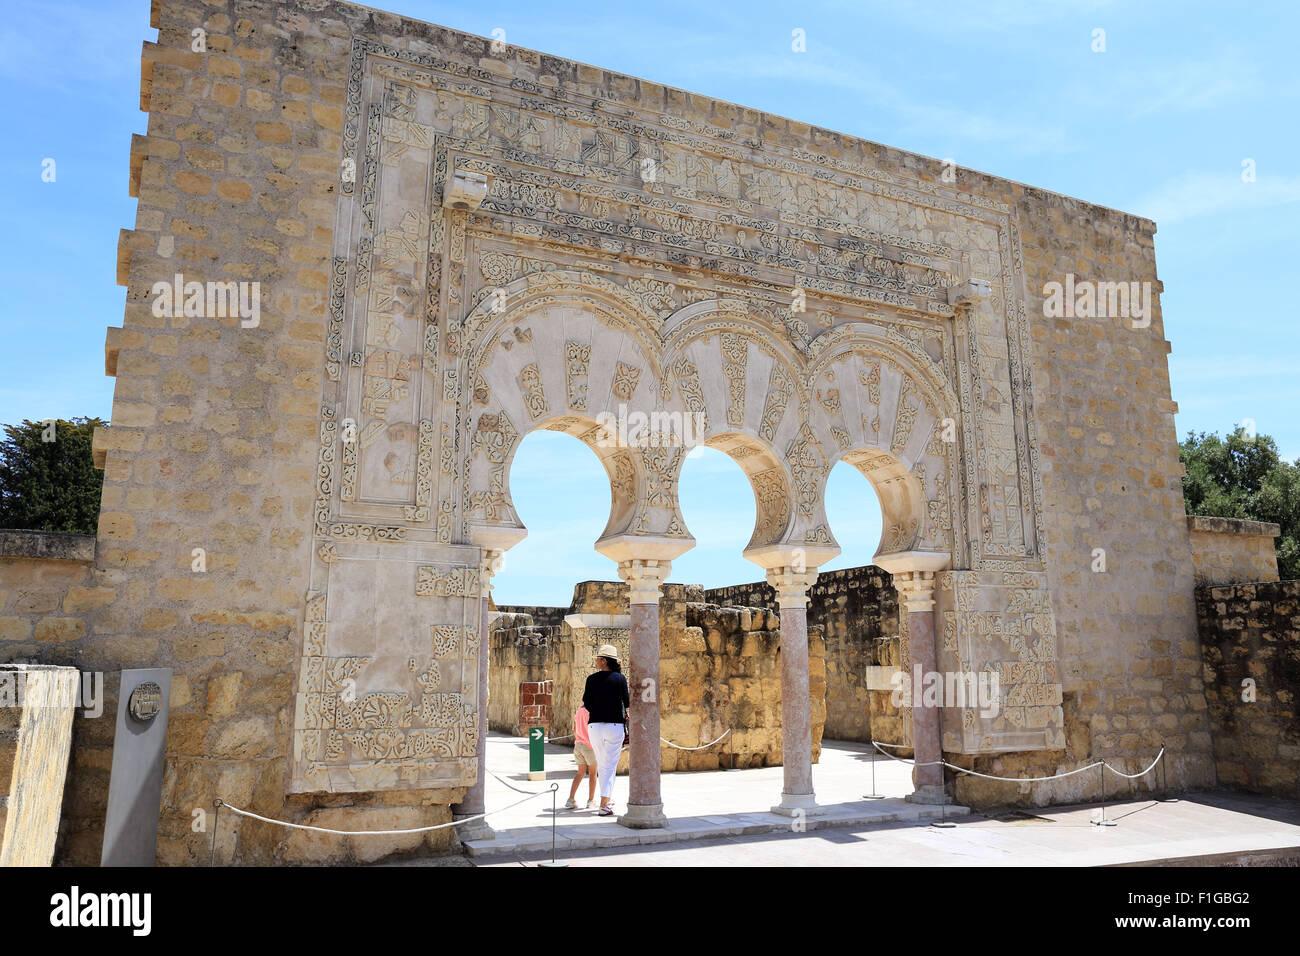 The arched entrance to the House of Yafar, Medina Azahara, (Madinat Stoc...